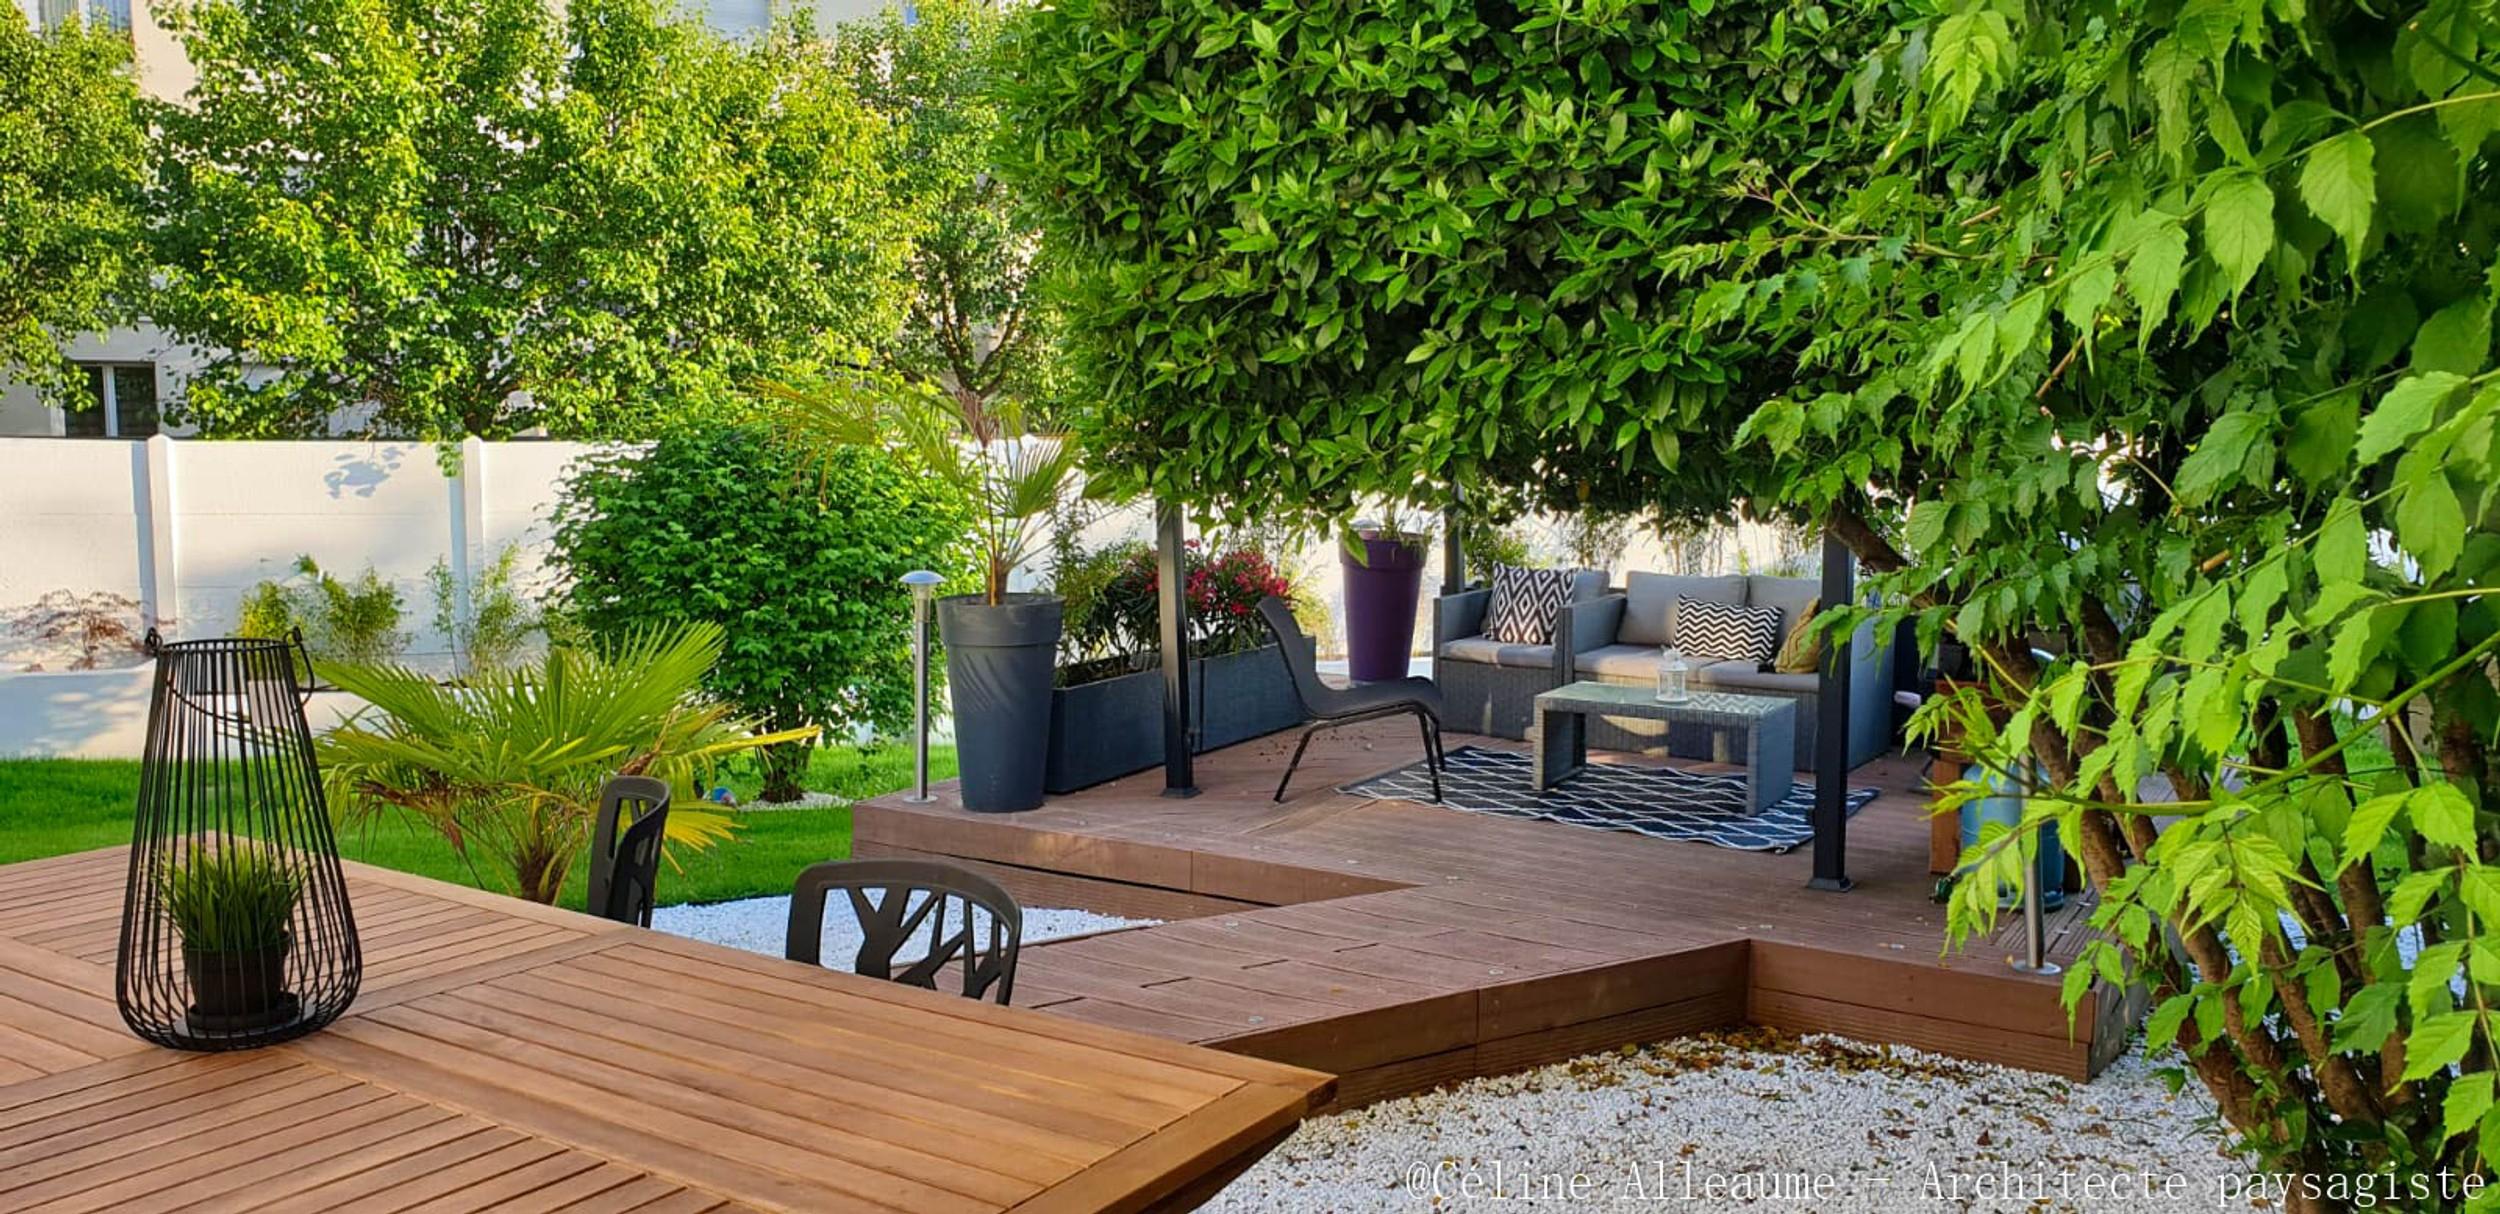 Chevreuse | Architecte-Paysagiste | Céline Alleaume destiné Refaire Son Jardin Paysagiste